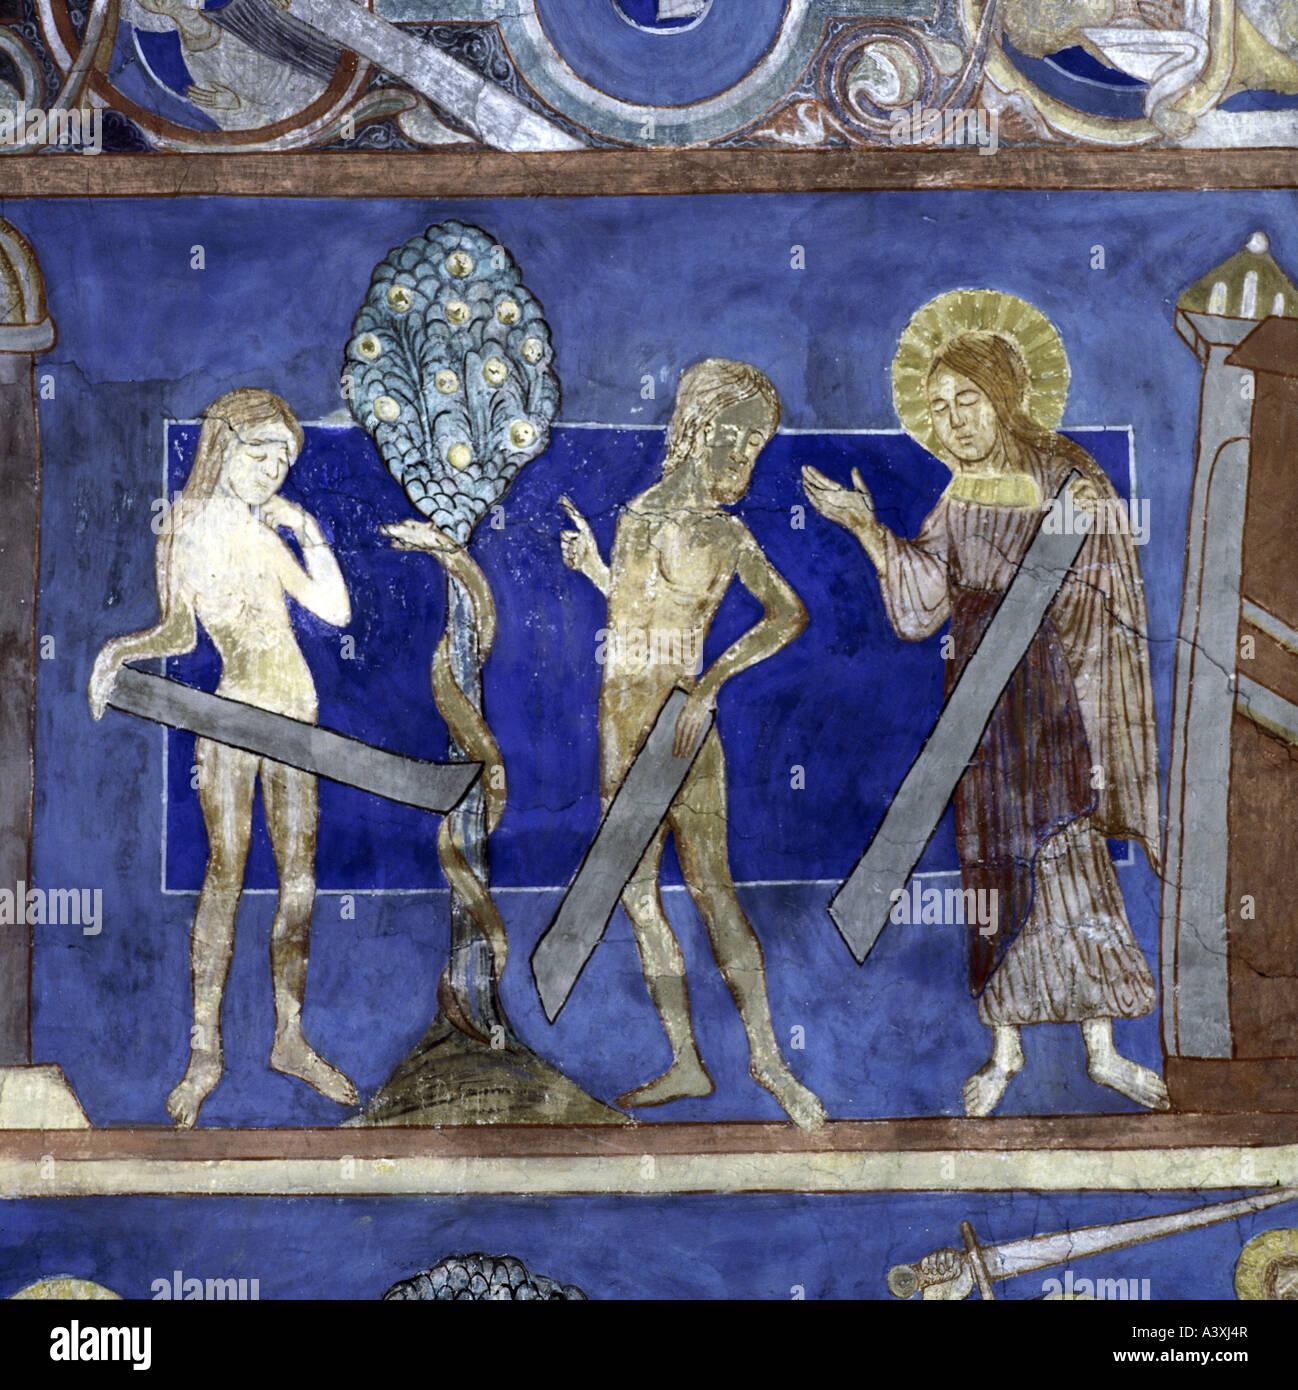 Bildende Kunst, religiöse Kunst, Adam und Eva, Fall der Männer, Malerei, Fresko, 13. Jahrhundert Kirche von Bjäresjö, Stockfoto